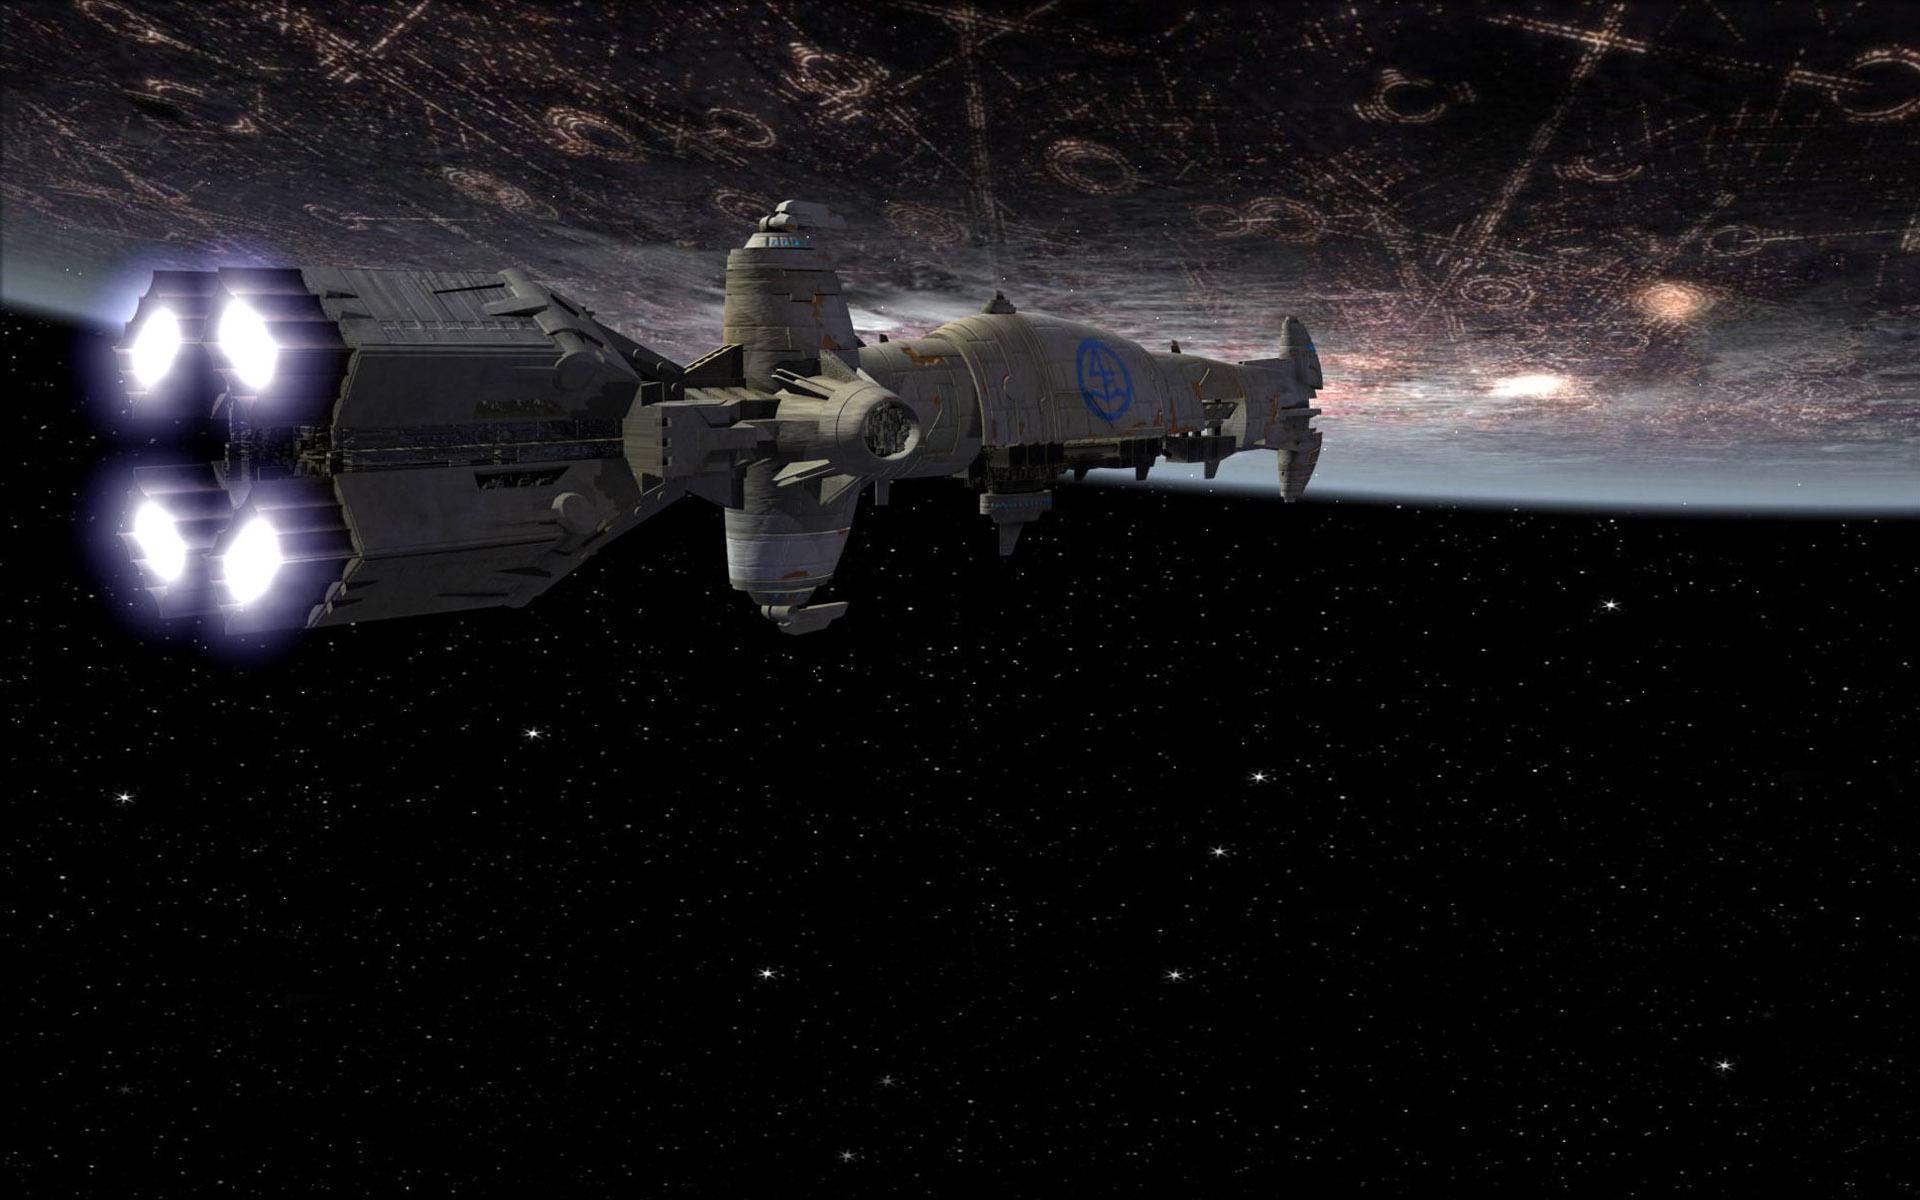 Star Wars Spaceship I n f o r m a t i o n 2 S h a r e 1920x1200